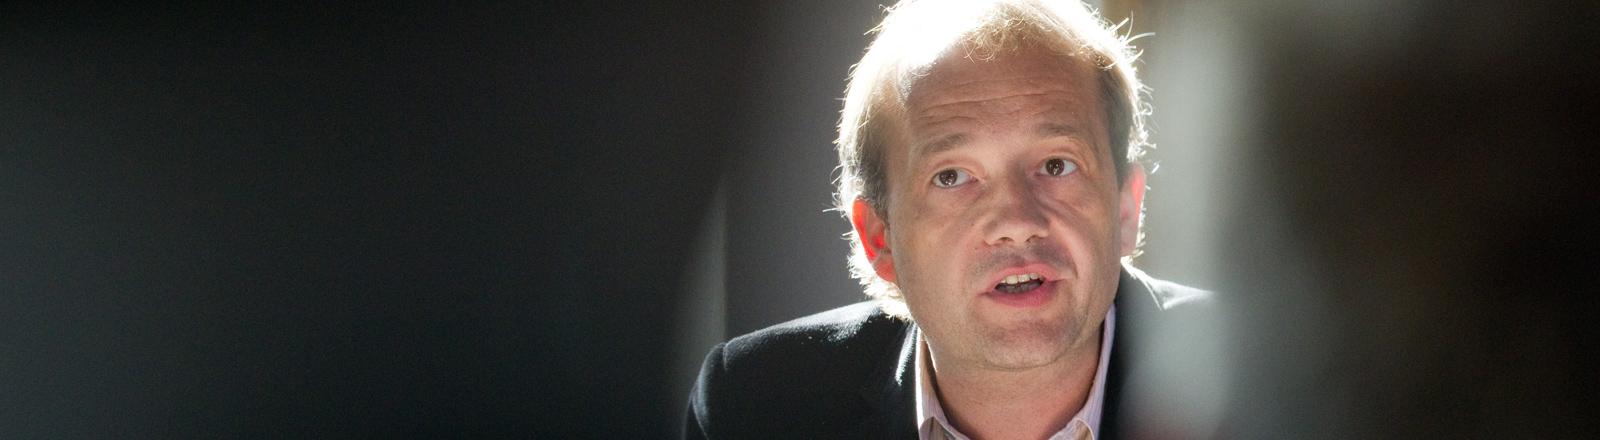 Der Journalist und Schriftsteller Stefan Weidner hält am Freitag (16.09.2011) im Friedenssaal im Rathaus in Osnabrück eine Laudatio.